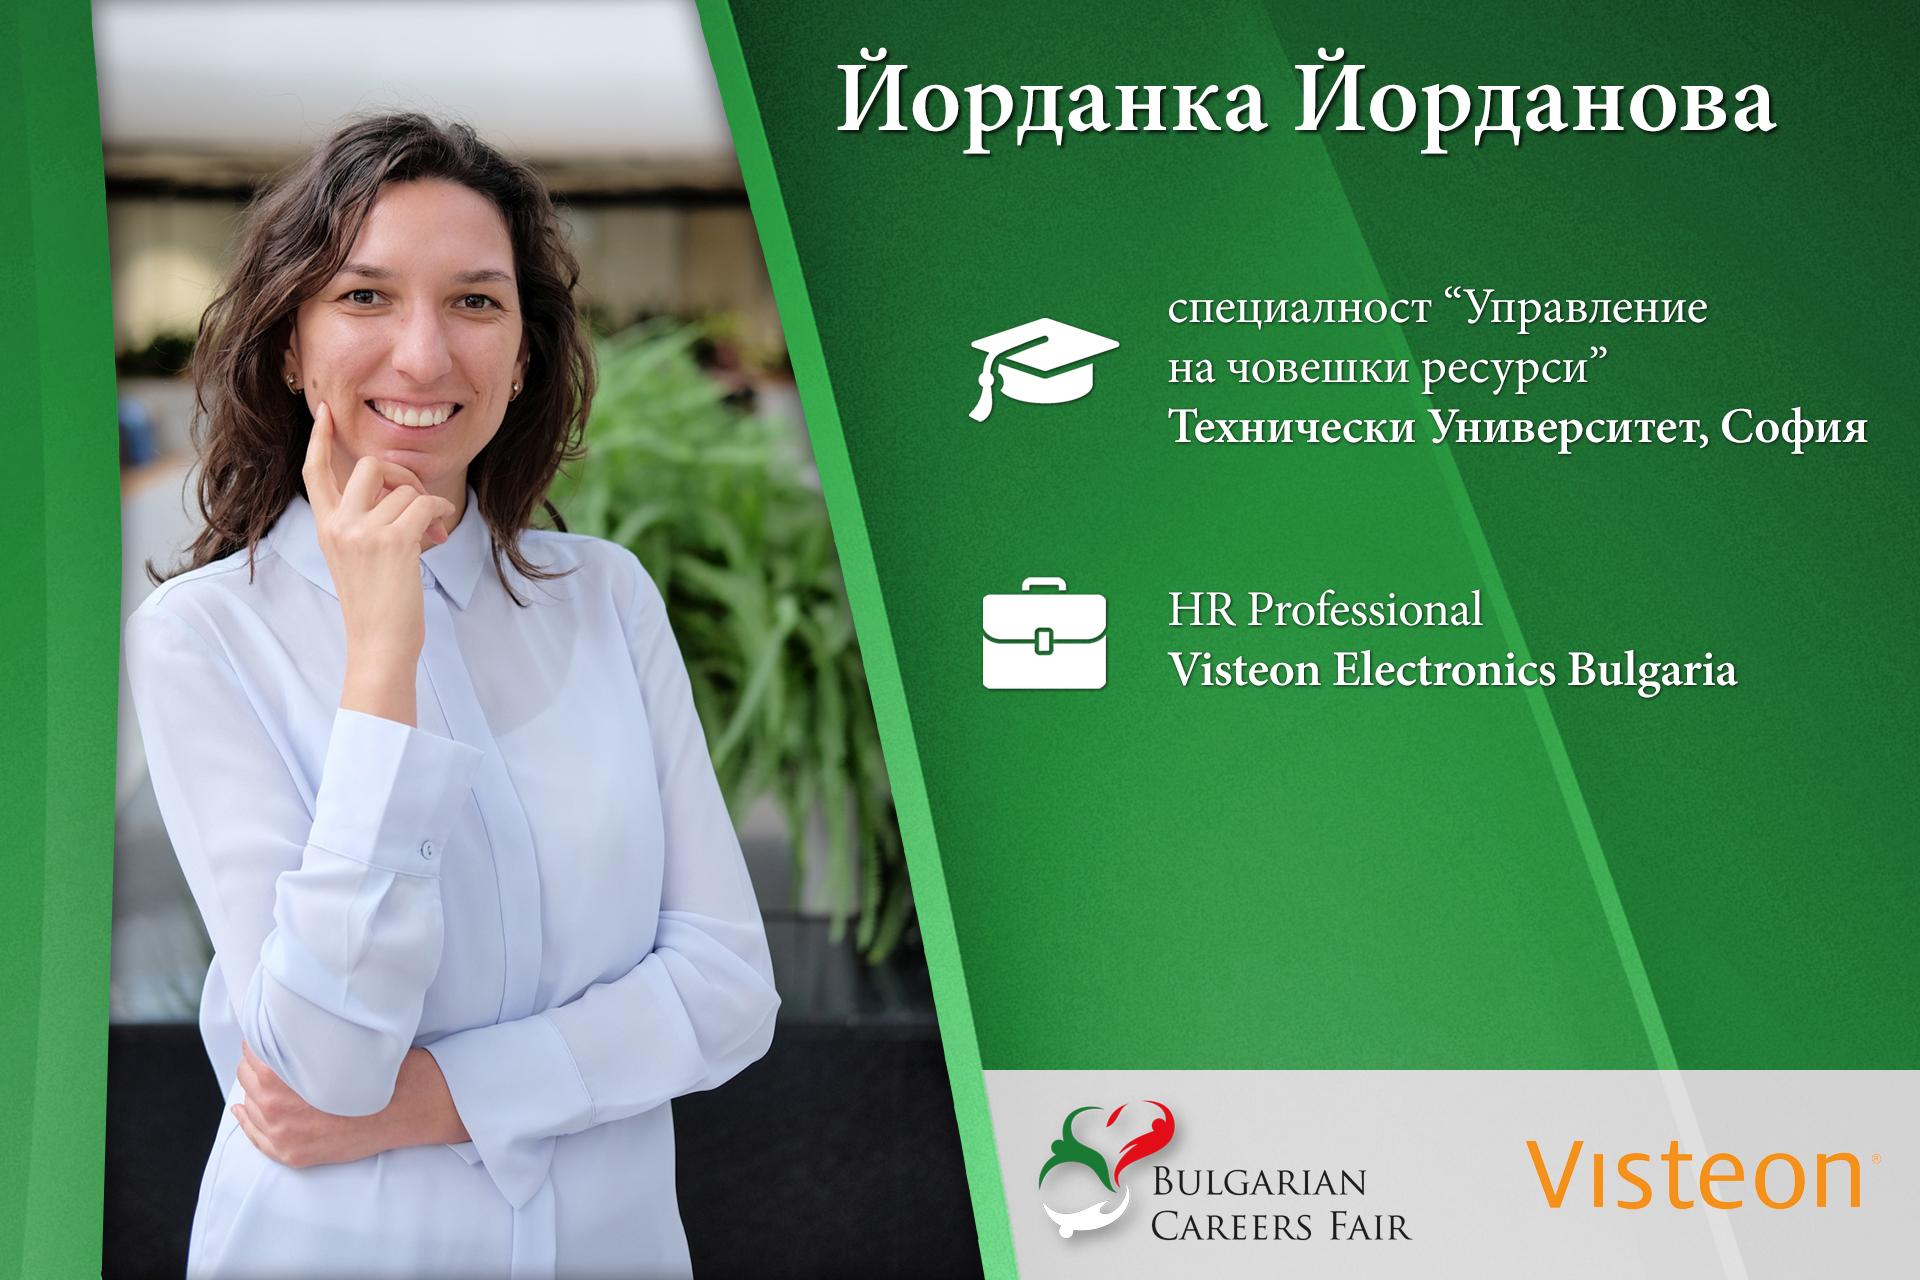 Yordanka-Yordanova_profile